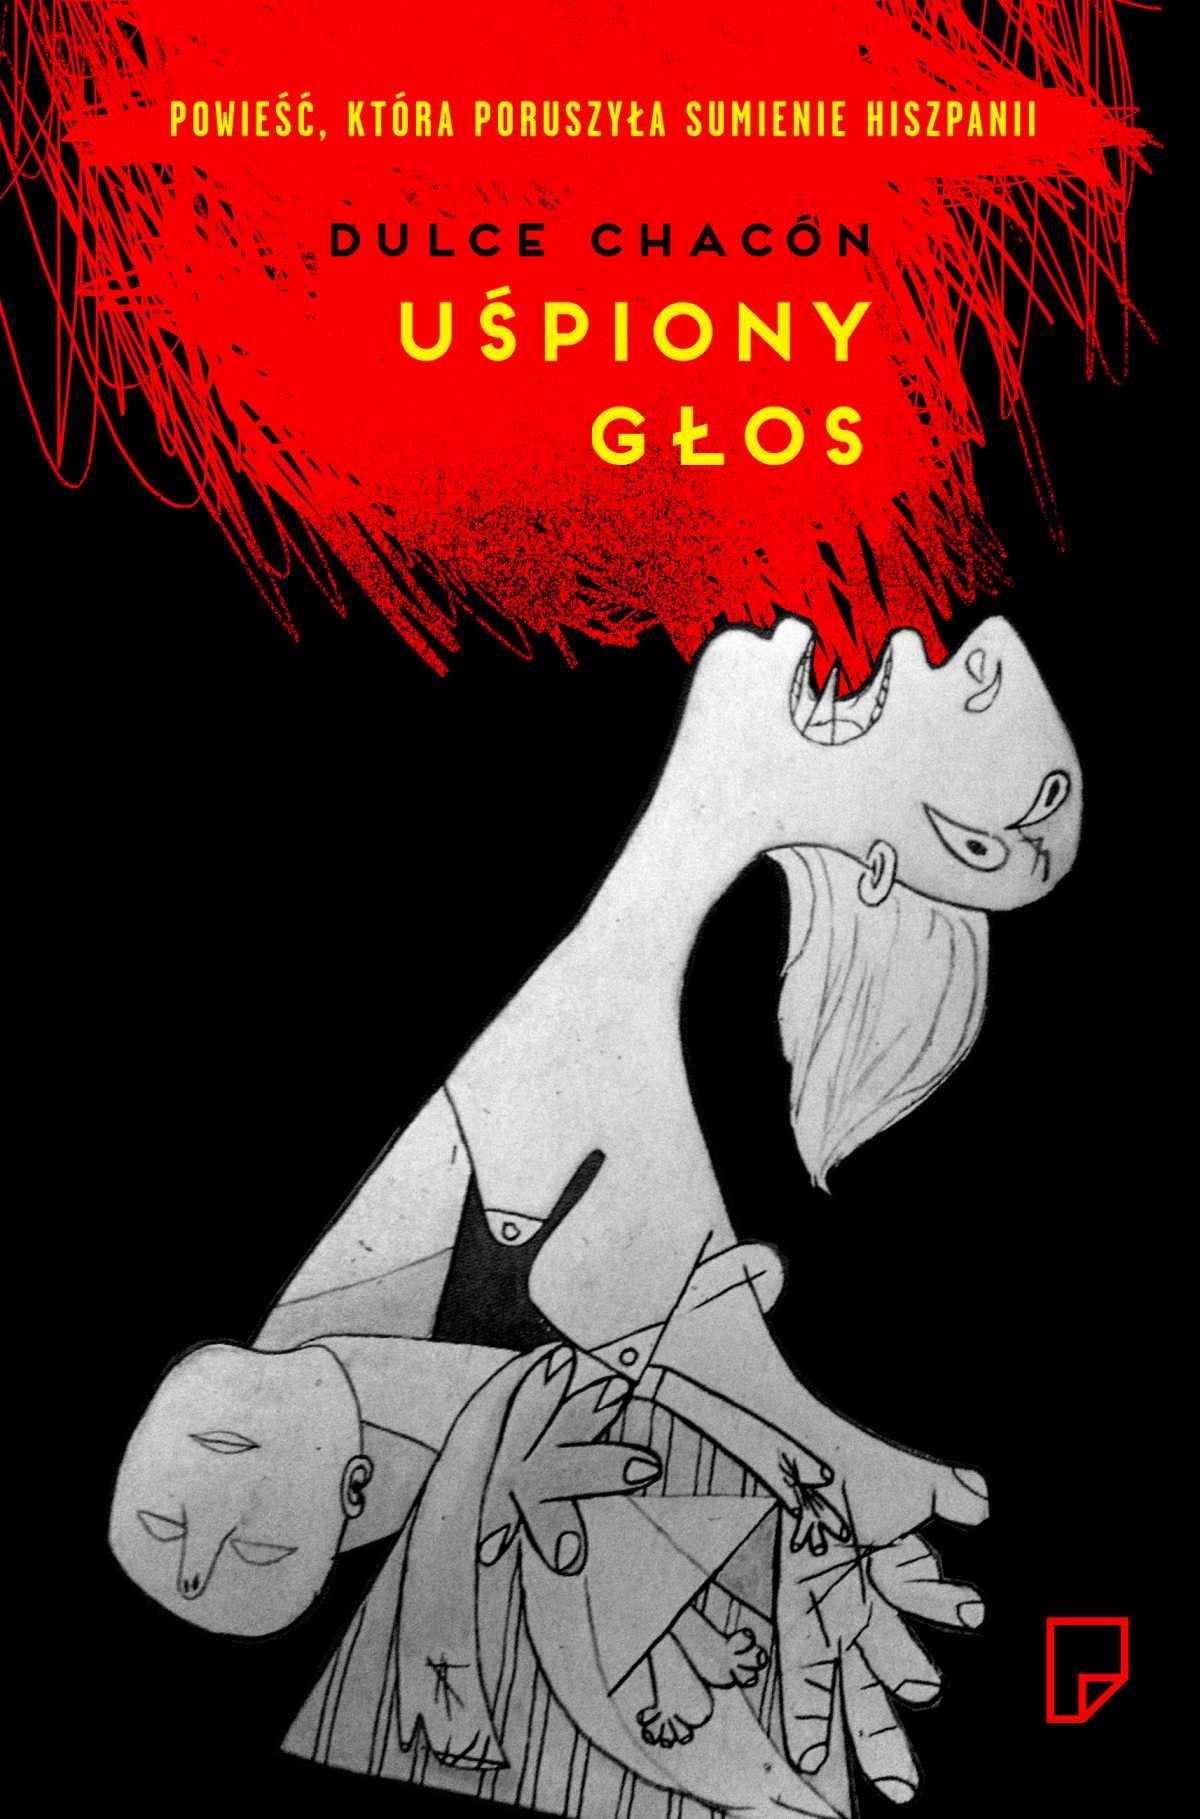 Uśpiony głos - Tylko w Legimi możesz przeczytać ten tytuł przez 7 dni za darmo. - Dulce Chacón